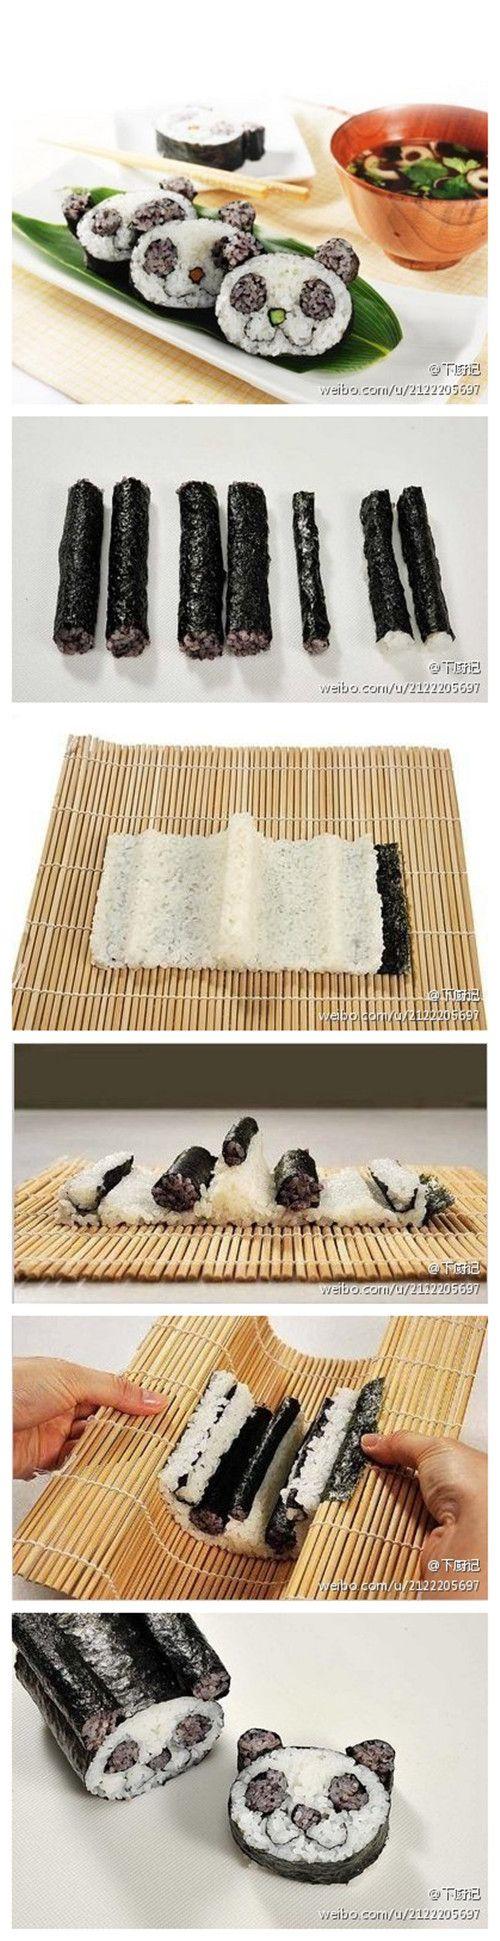 How to make panda Sushi | Sushi recipe